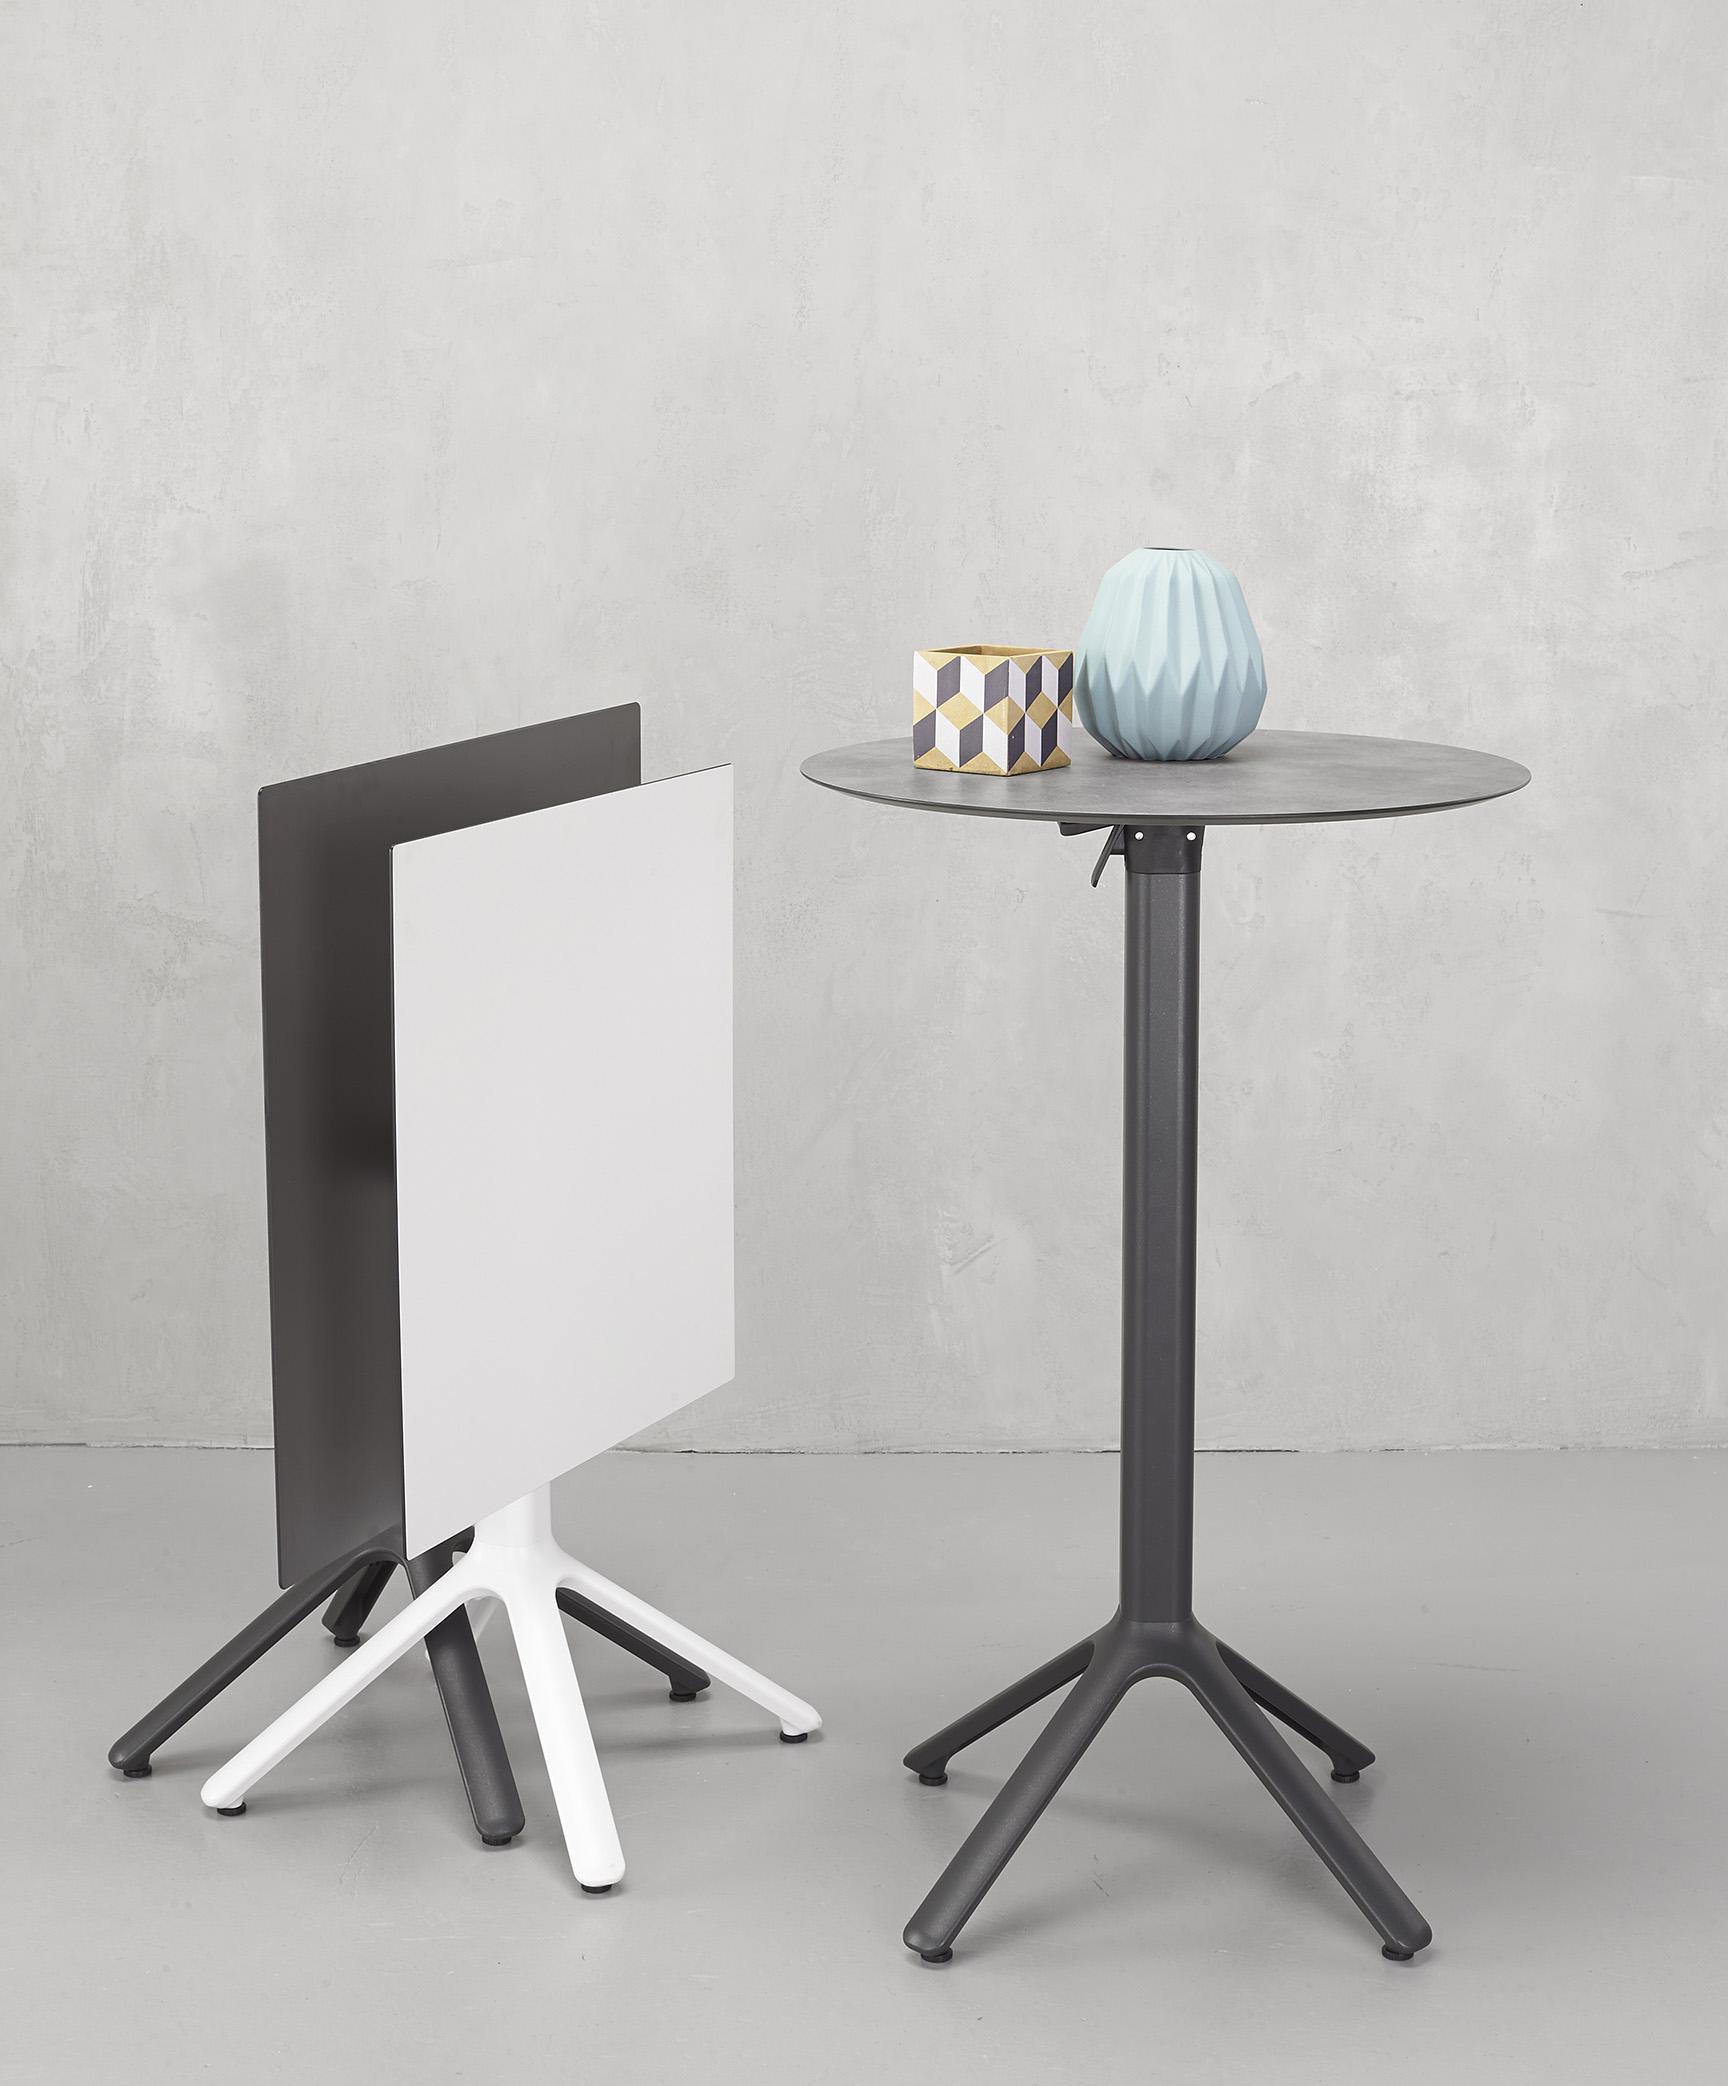 Stolik restauracyjny NEMO Scab Design